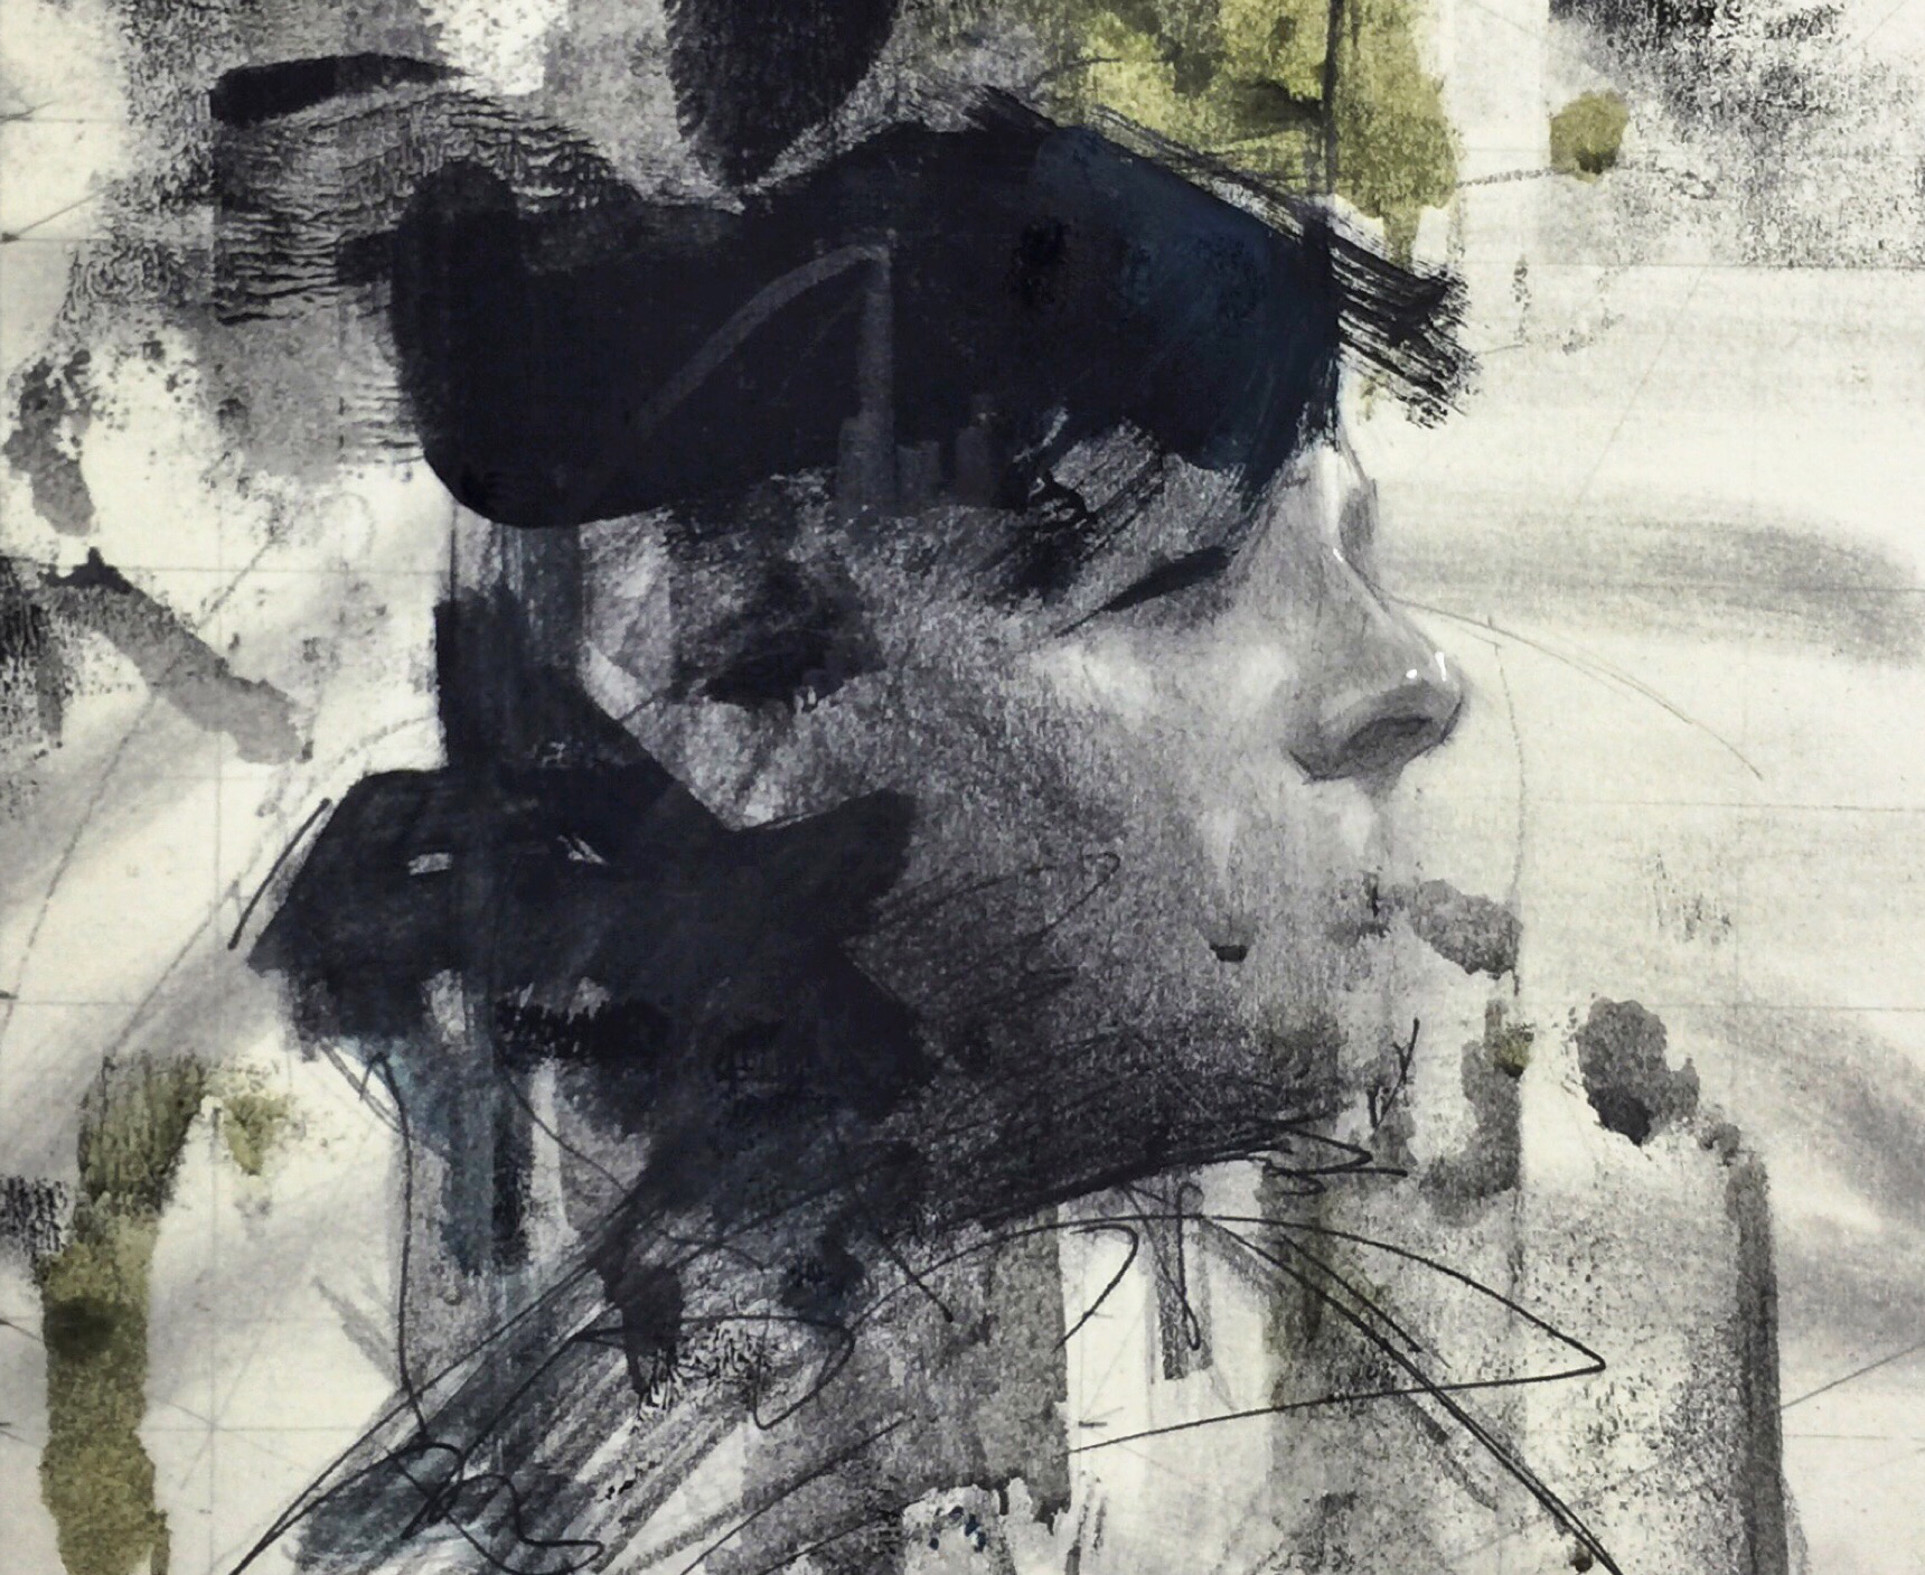 John Wentz, Imprint No. 34, 2015